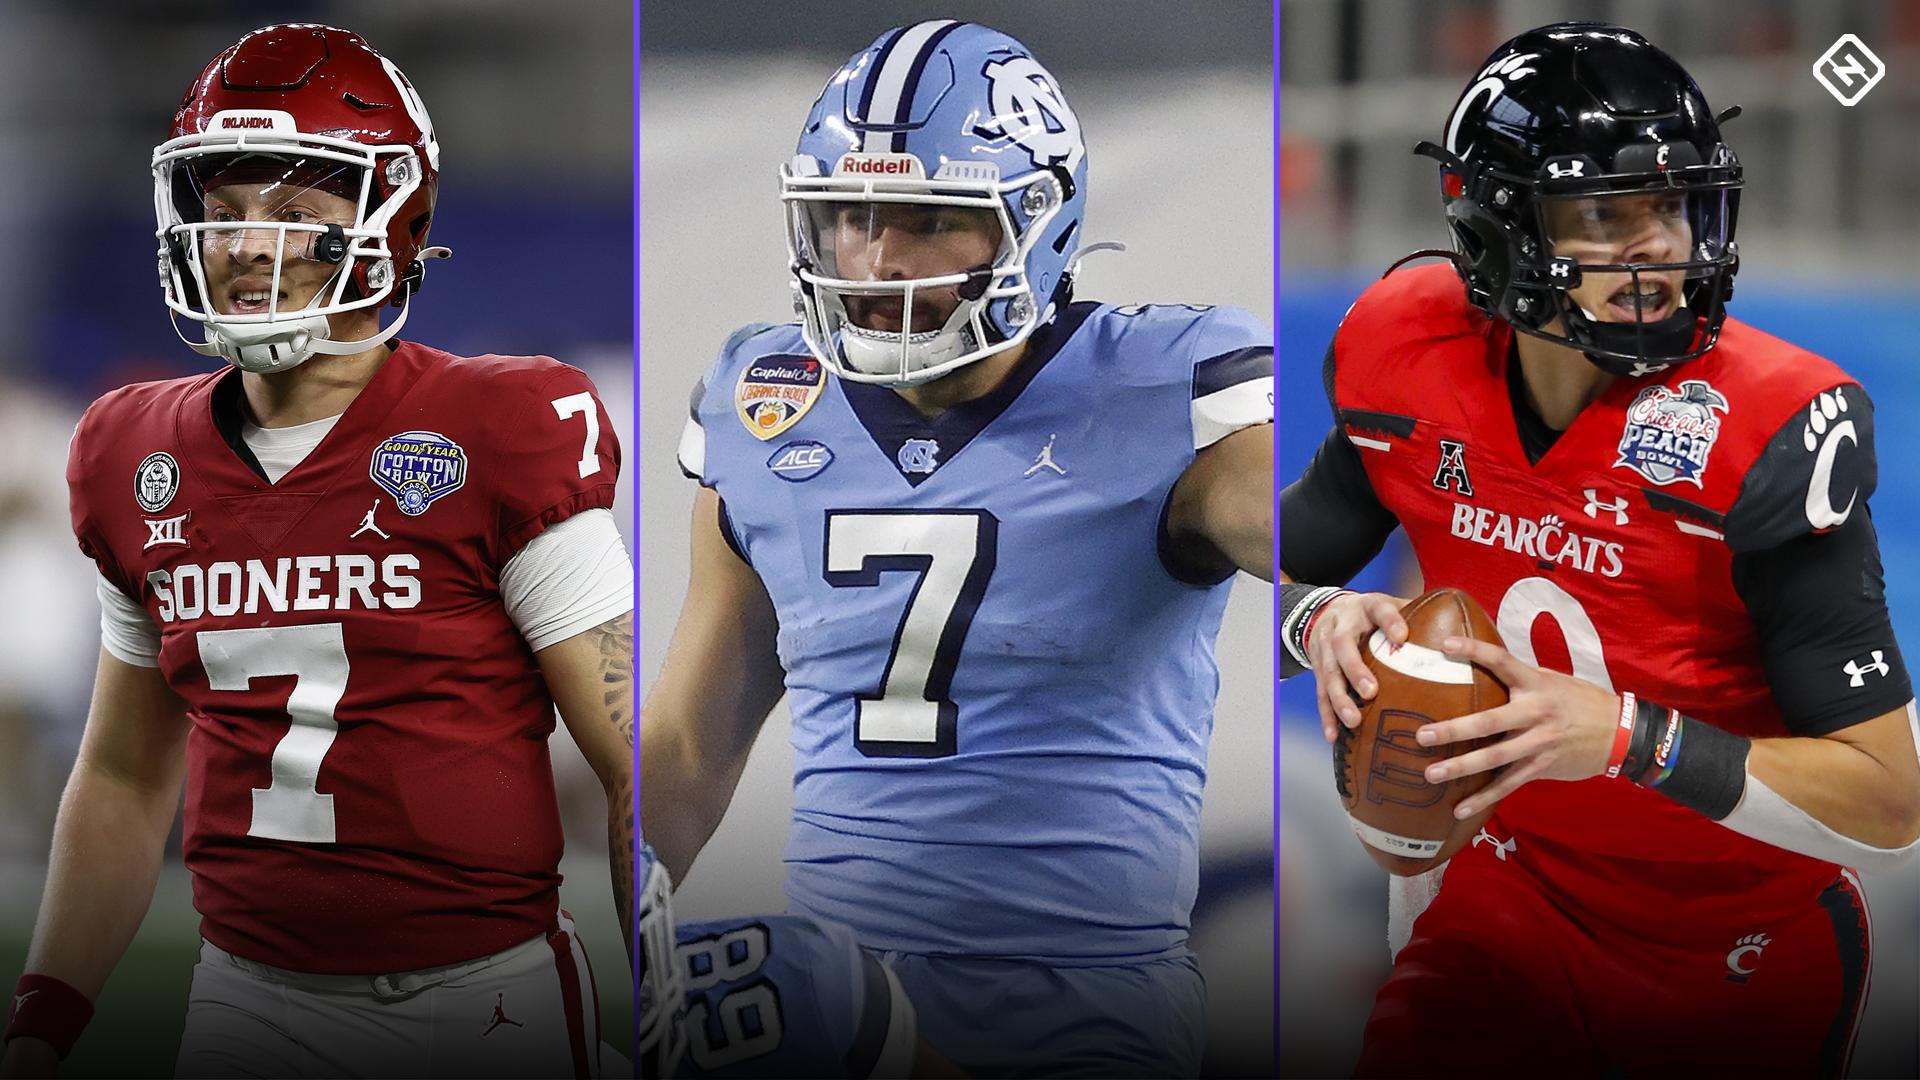 NFL Draft quarterbacks 2022: Sam Howell, Spencer Rattler lead early top 10 rankings